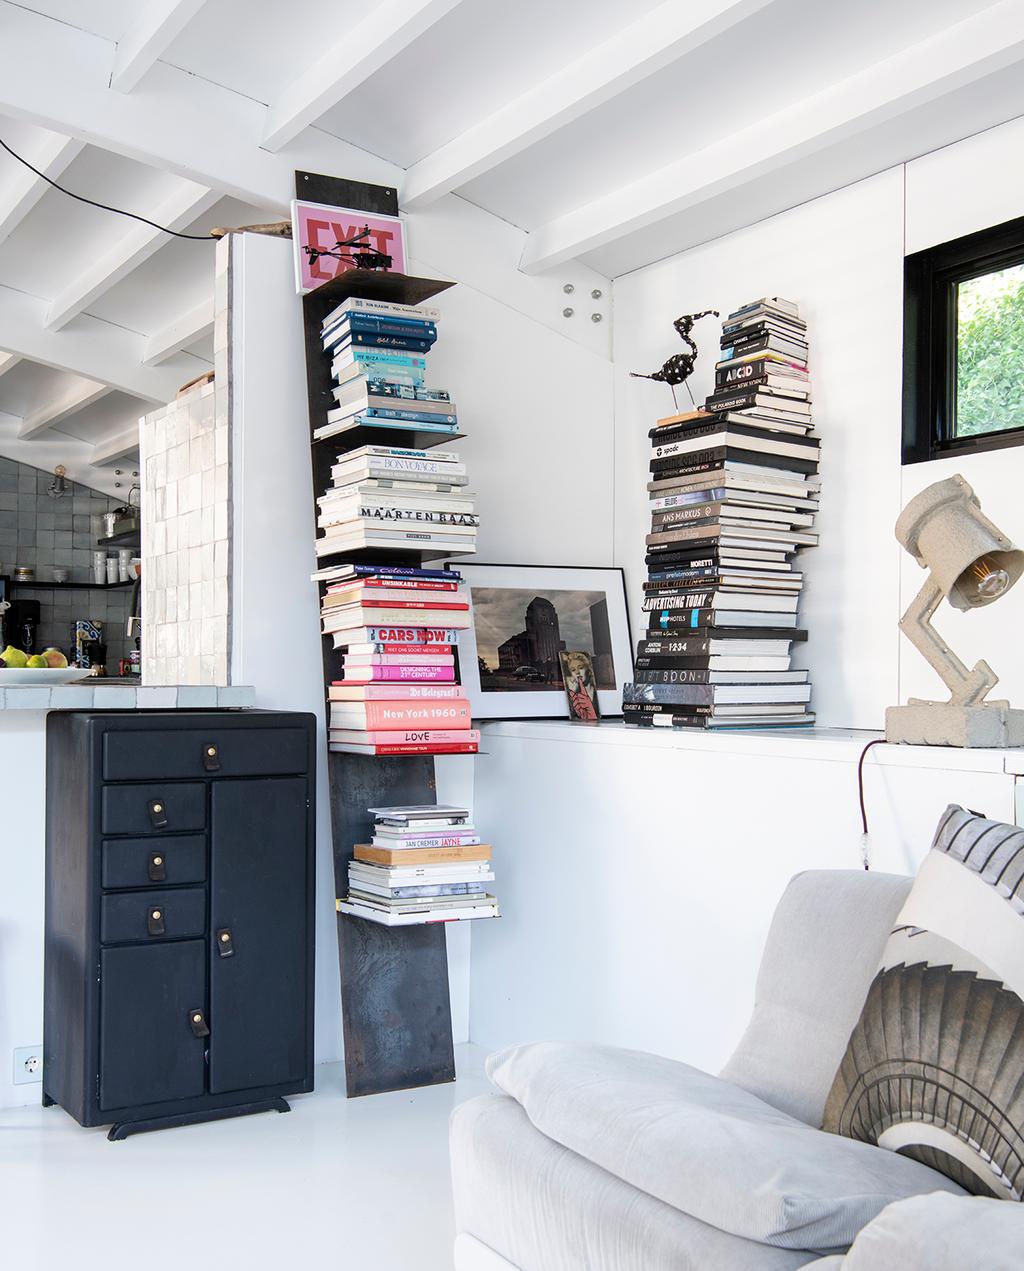 vtwonen 2020 DIY special 2 | zithoek met volle boekenkast